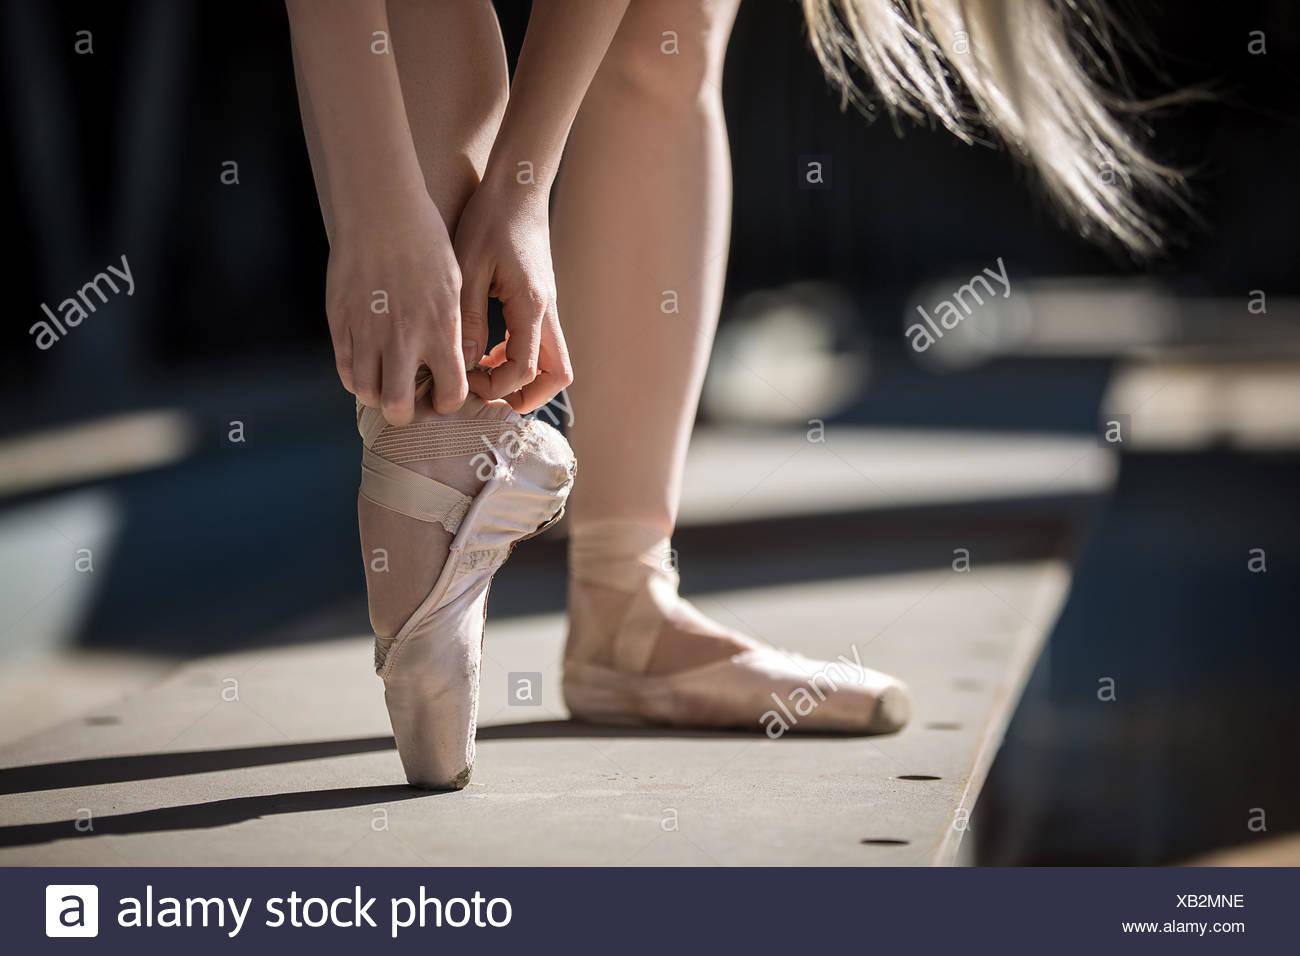 Legatura a ballerino pointe shoes Immagini Stock